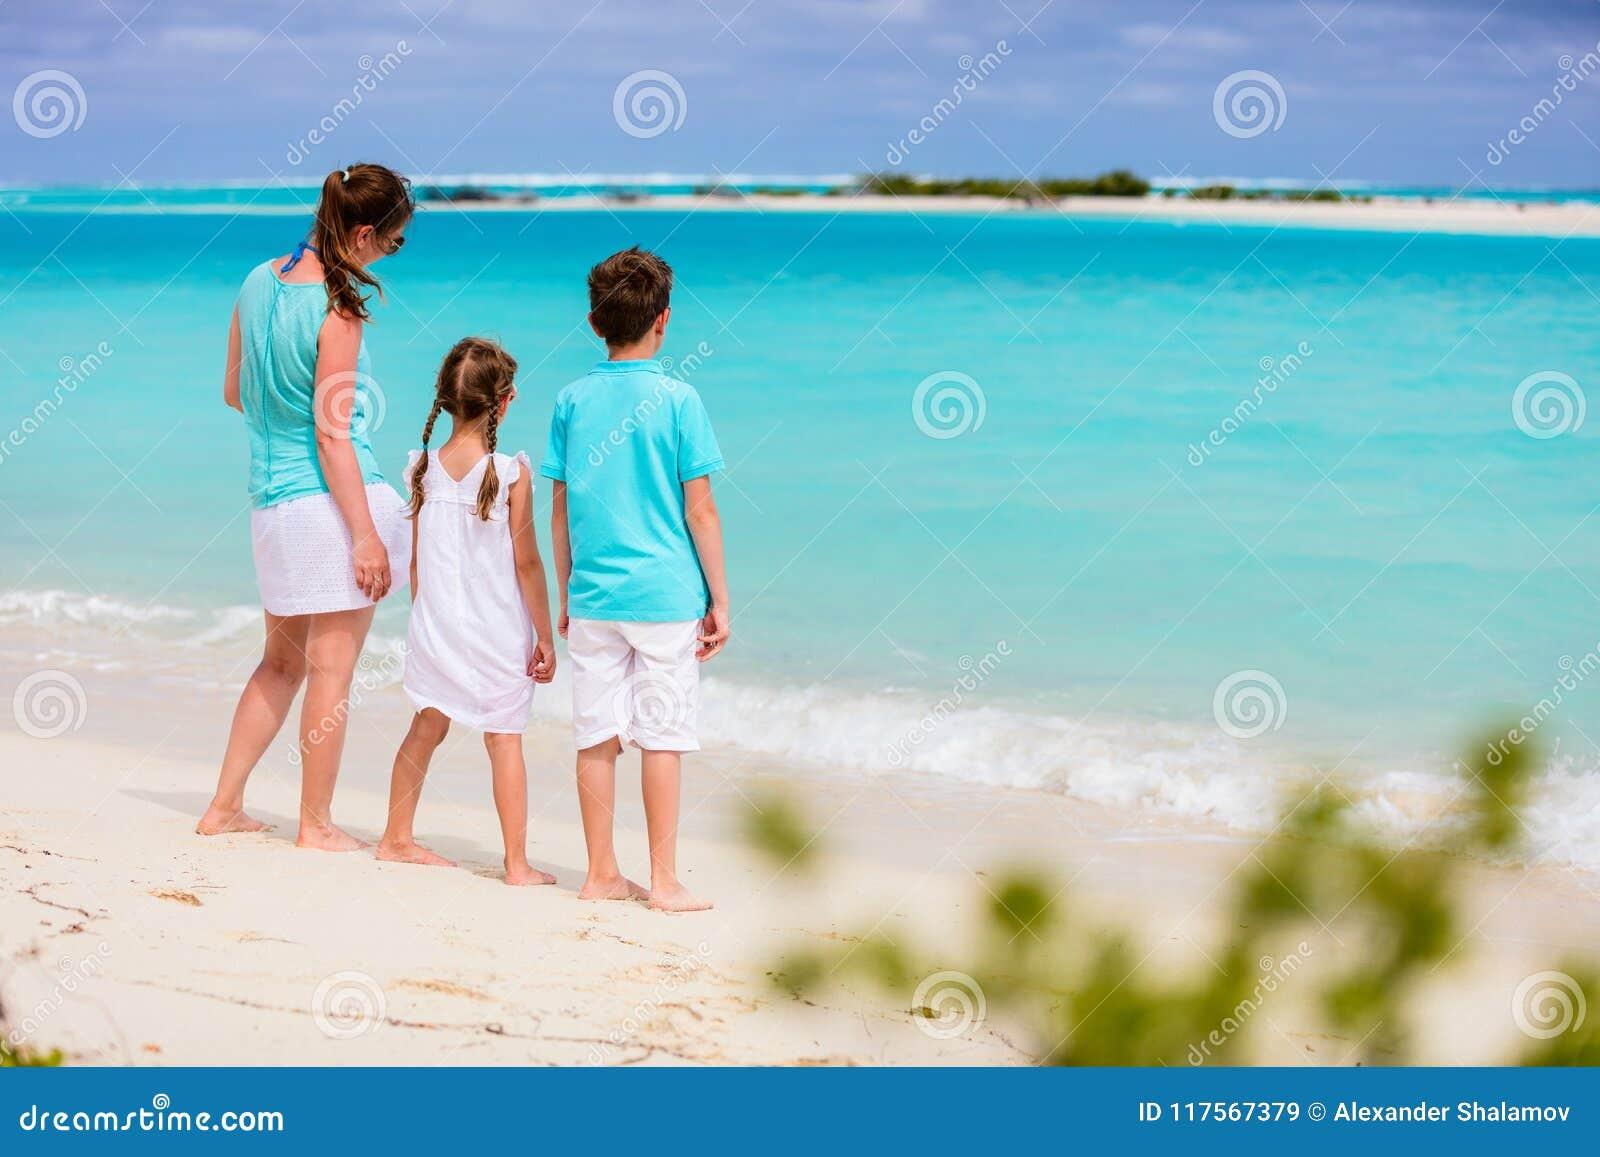 Mère et gosses sur une plage tropicale